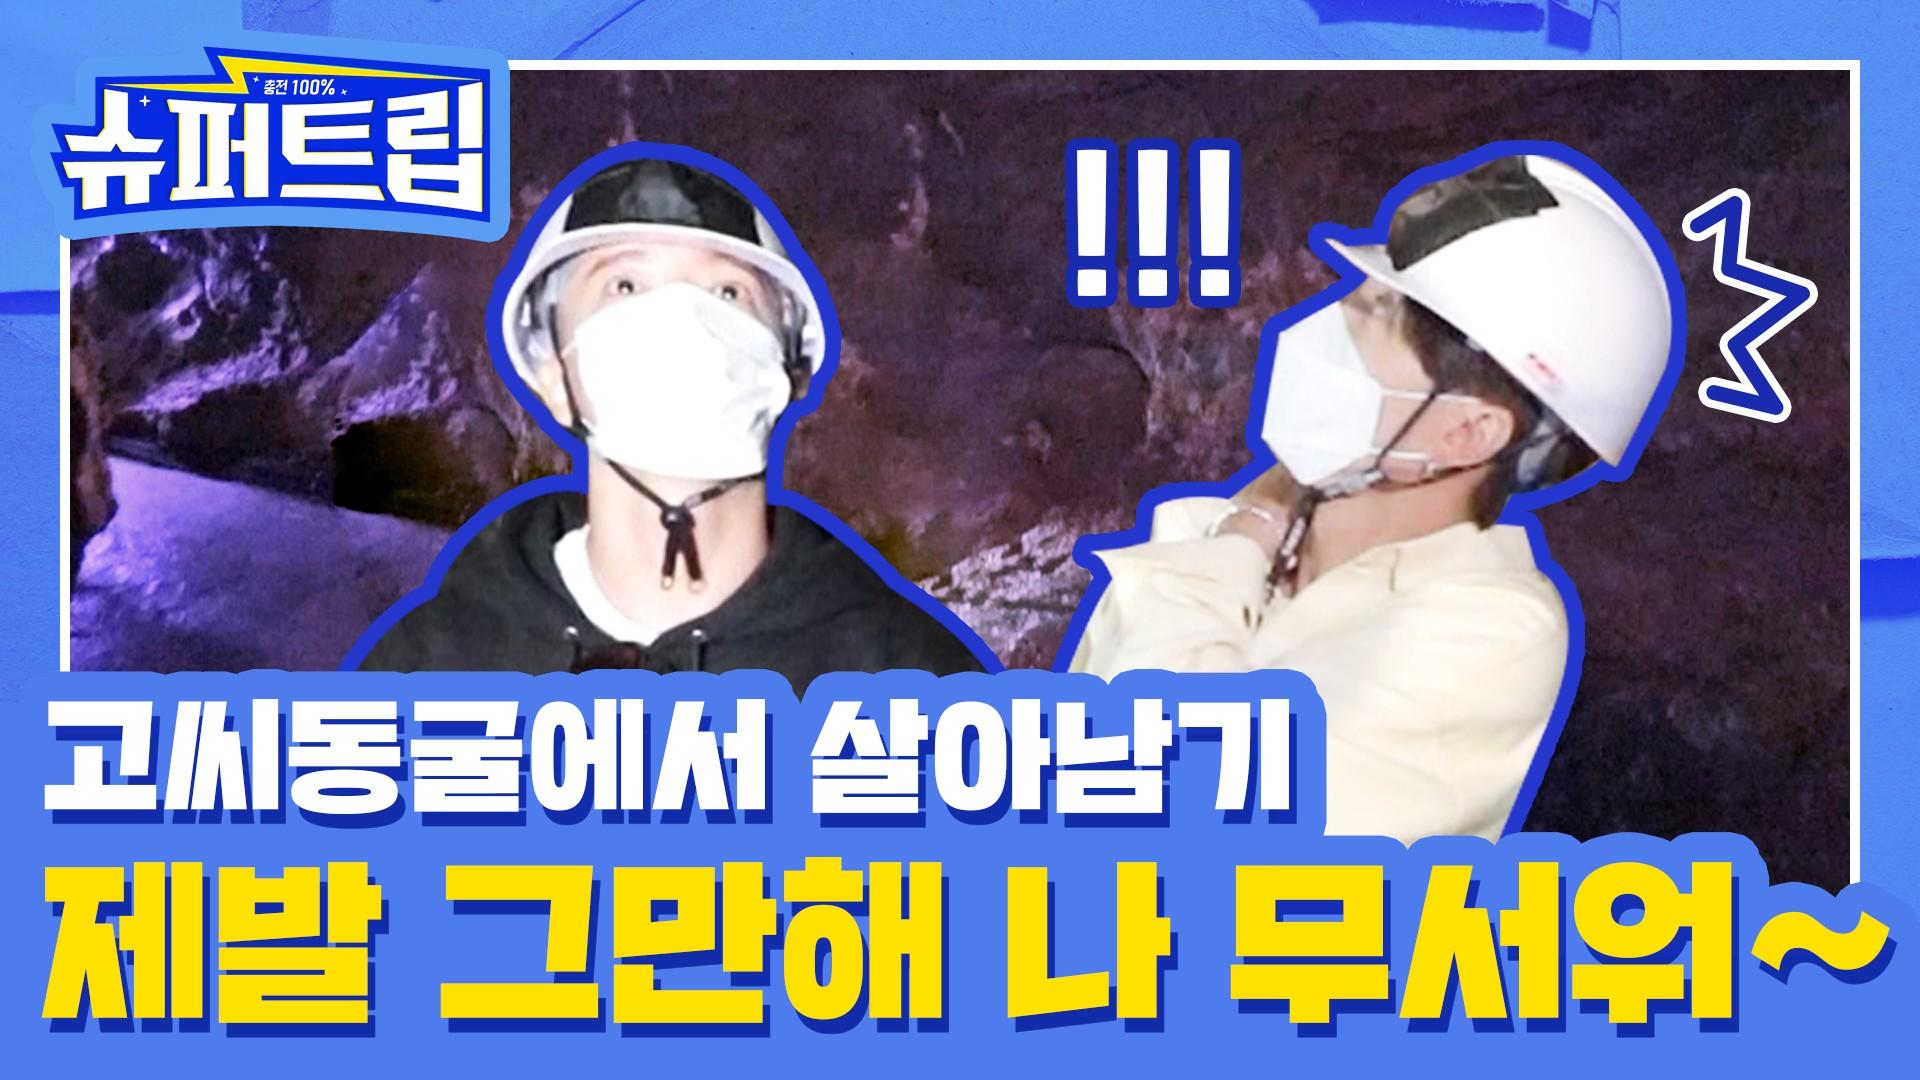 [충전 100% #슈퍼트립🚙] EP.06 고씨동굴에서 살아남기👷🏻